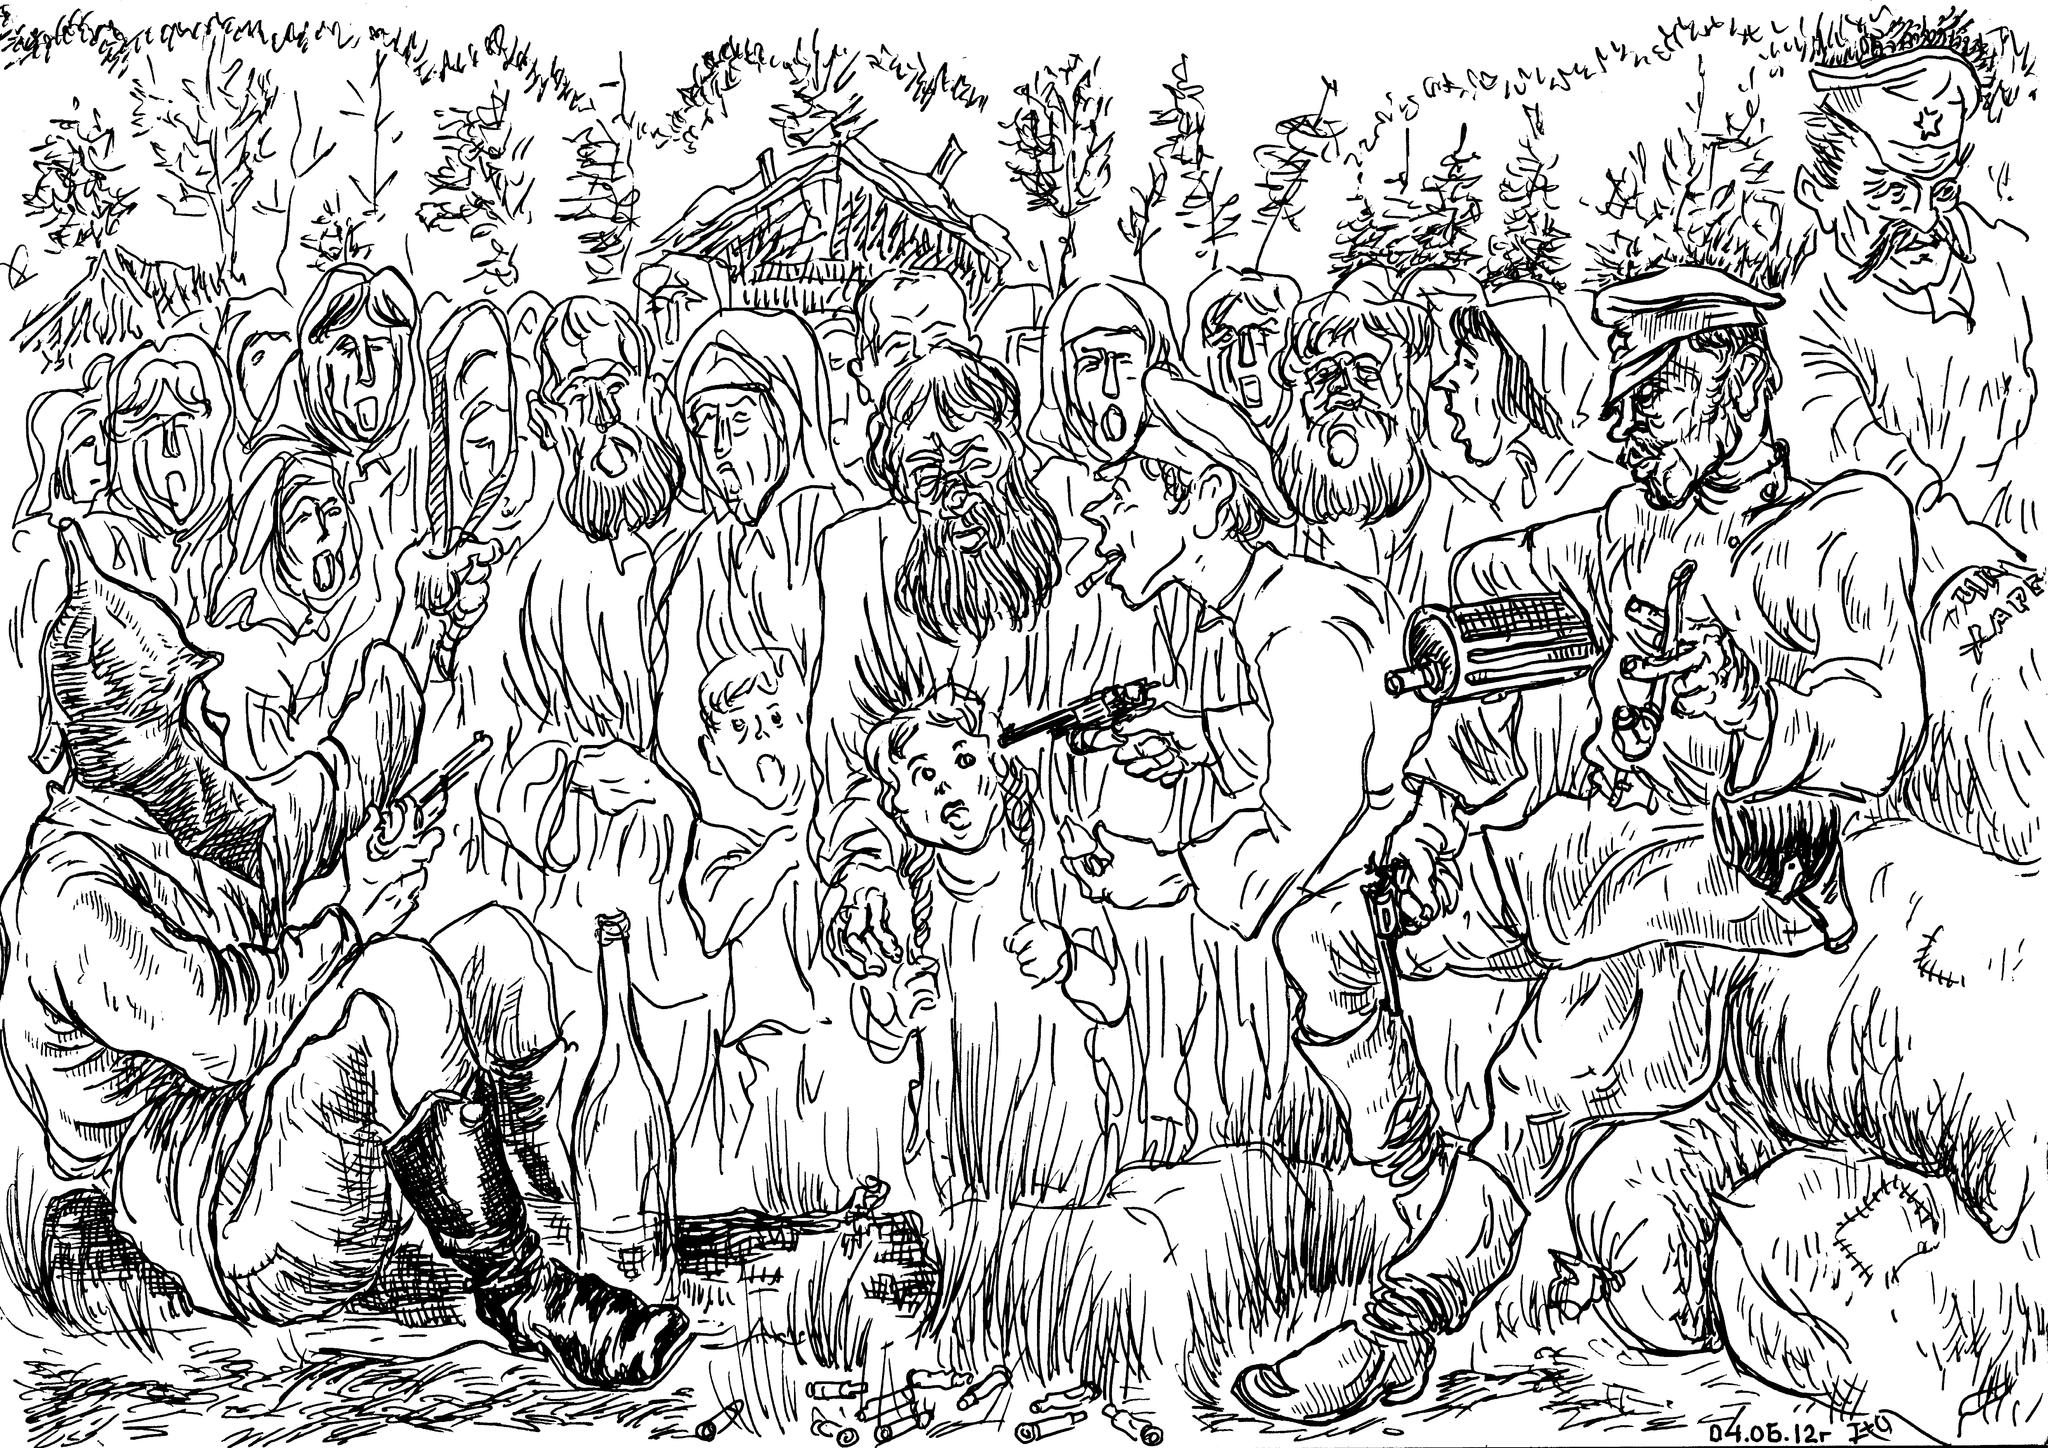 Власть желает, чтобы её славили: «хозяева» народ ограбили, обобрали и петь гимн себе заставили